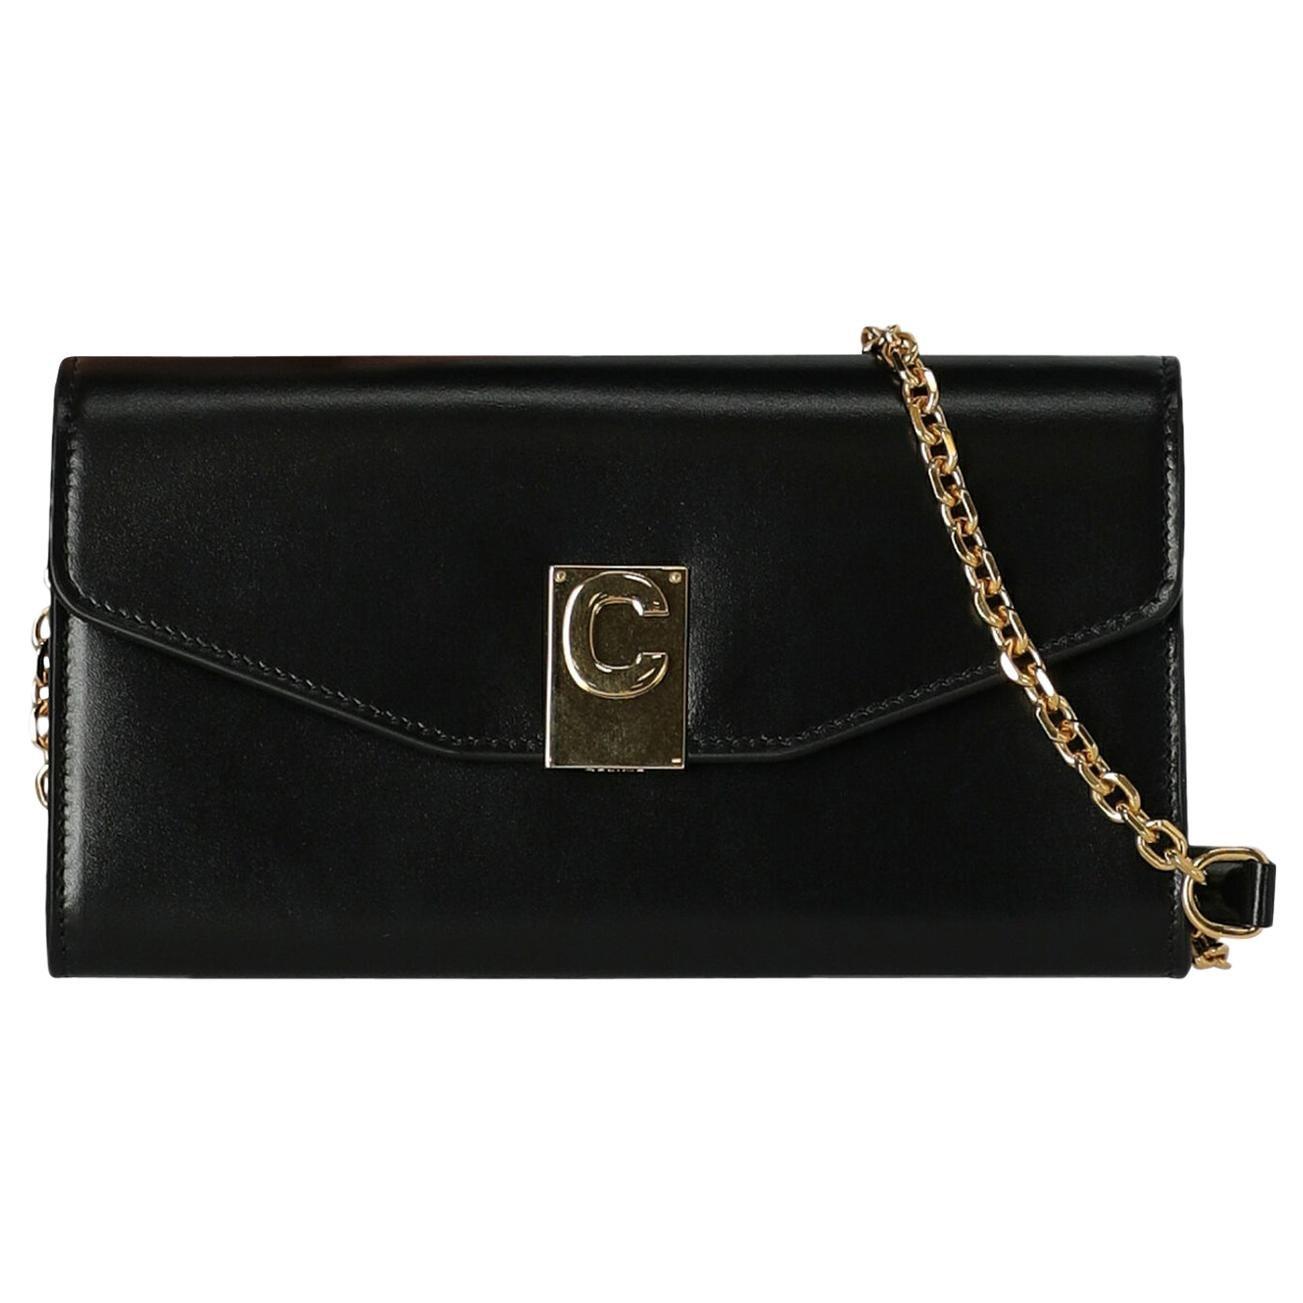 Celine  Women Shoulder bags Black Leather